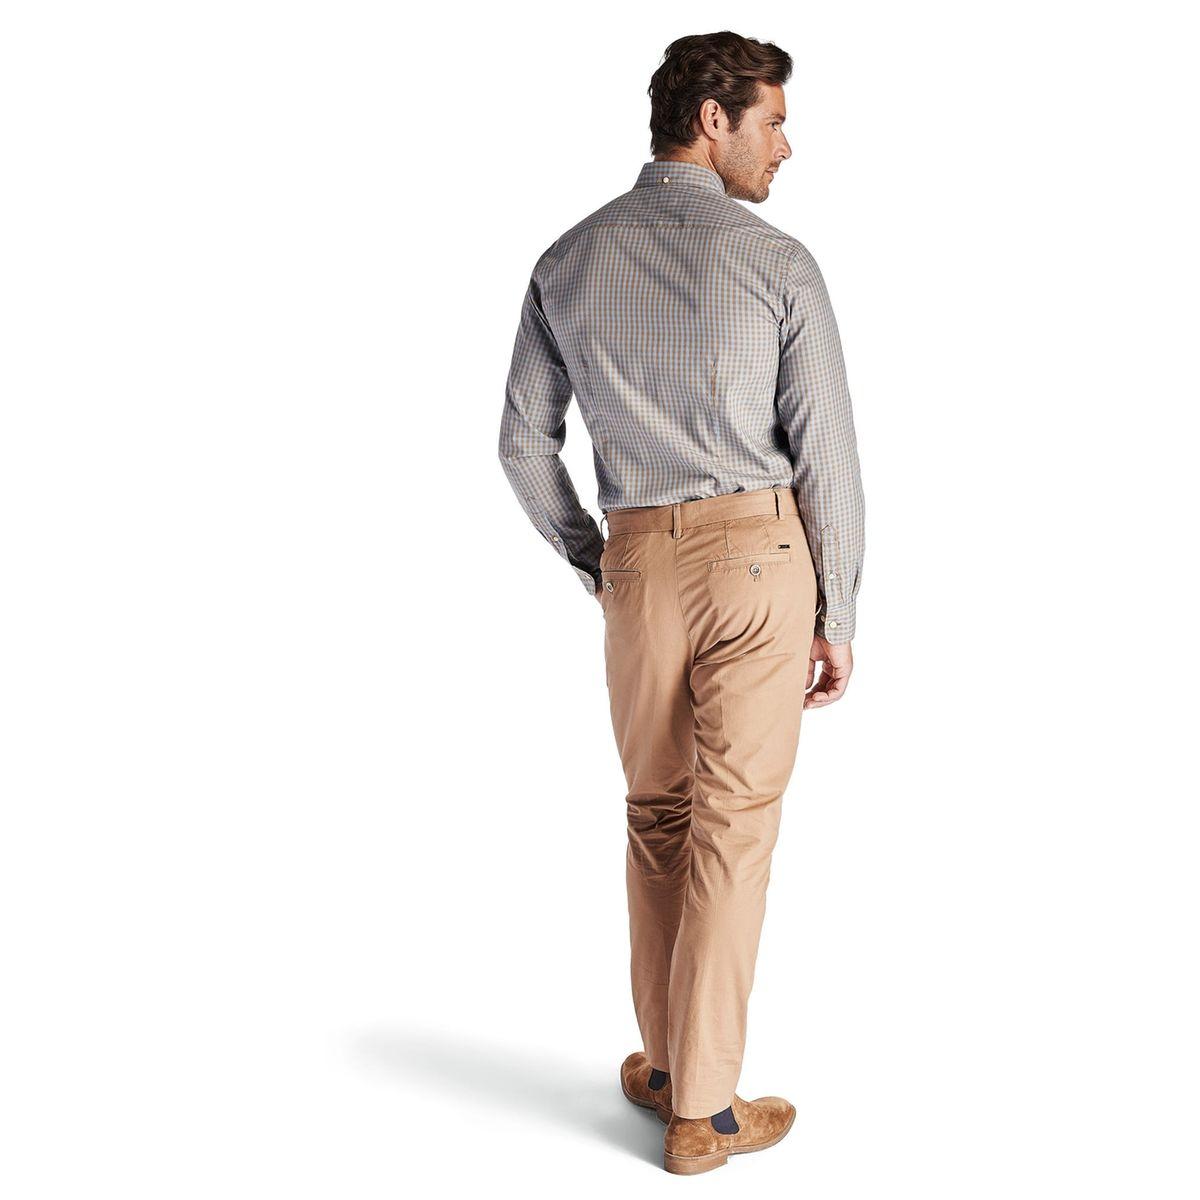 Chemise en coton à carreaux sportifs, boutonnée